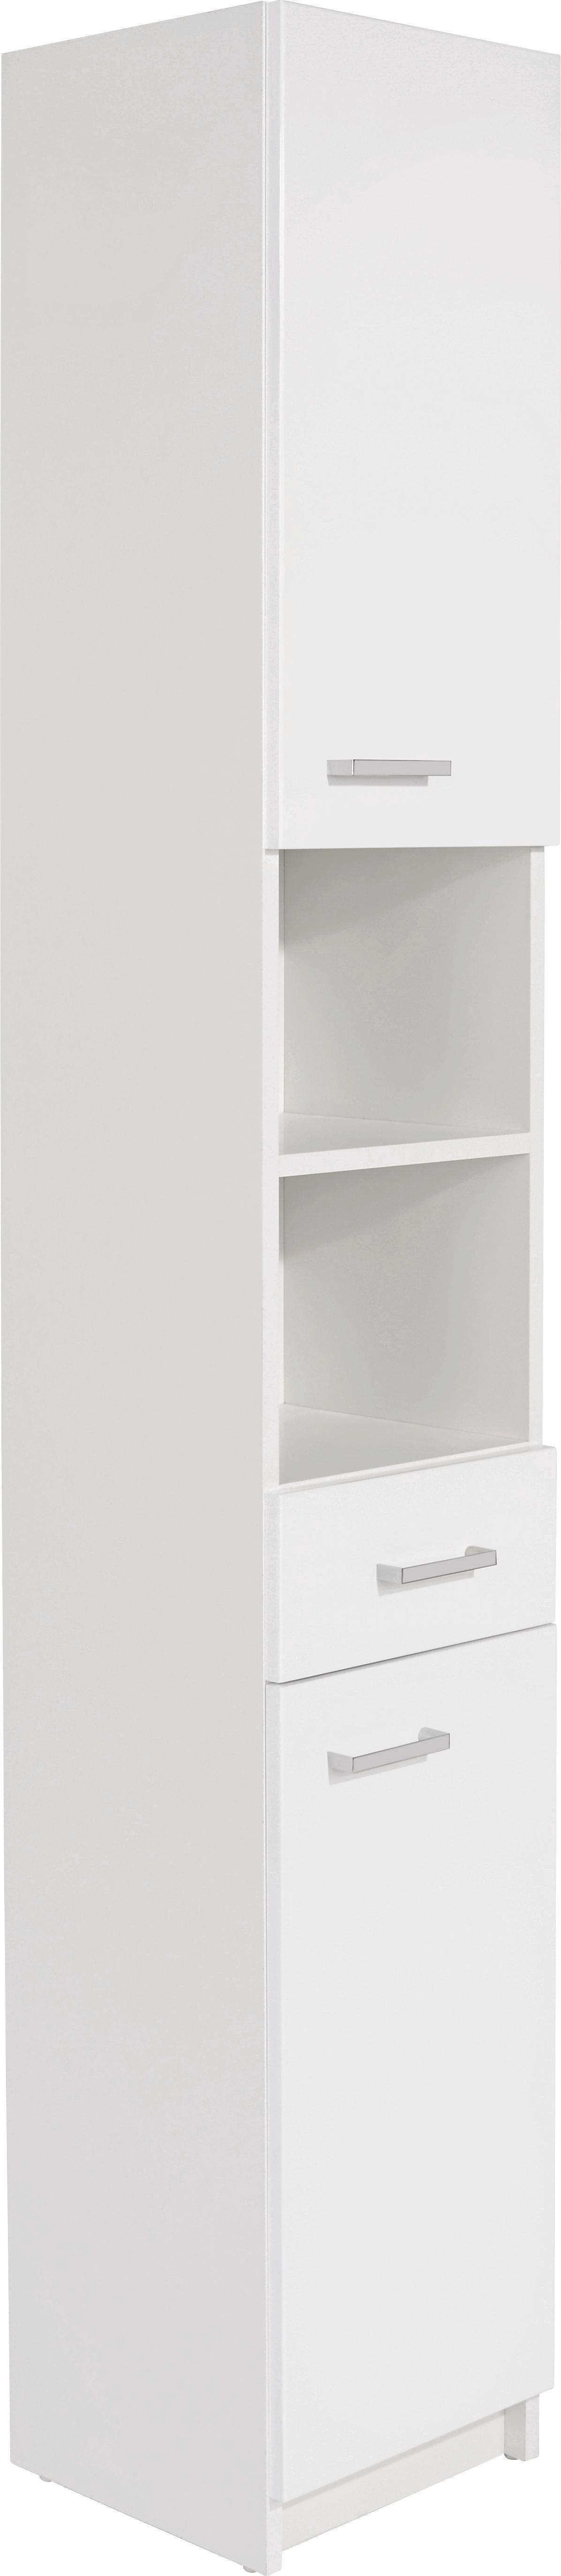 Vysoká Skříň Fiola - bílá, Konvenční, dřevěný materiál (30/192/33,5cm)